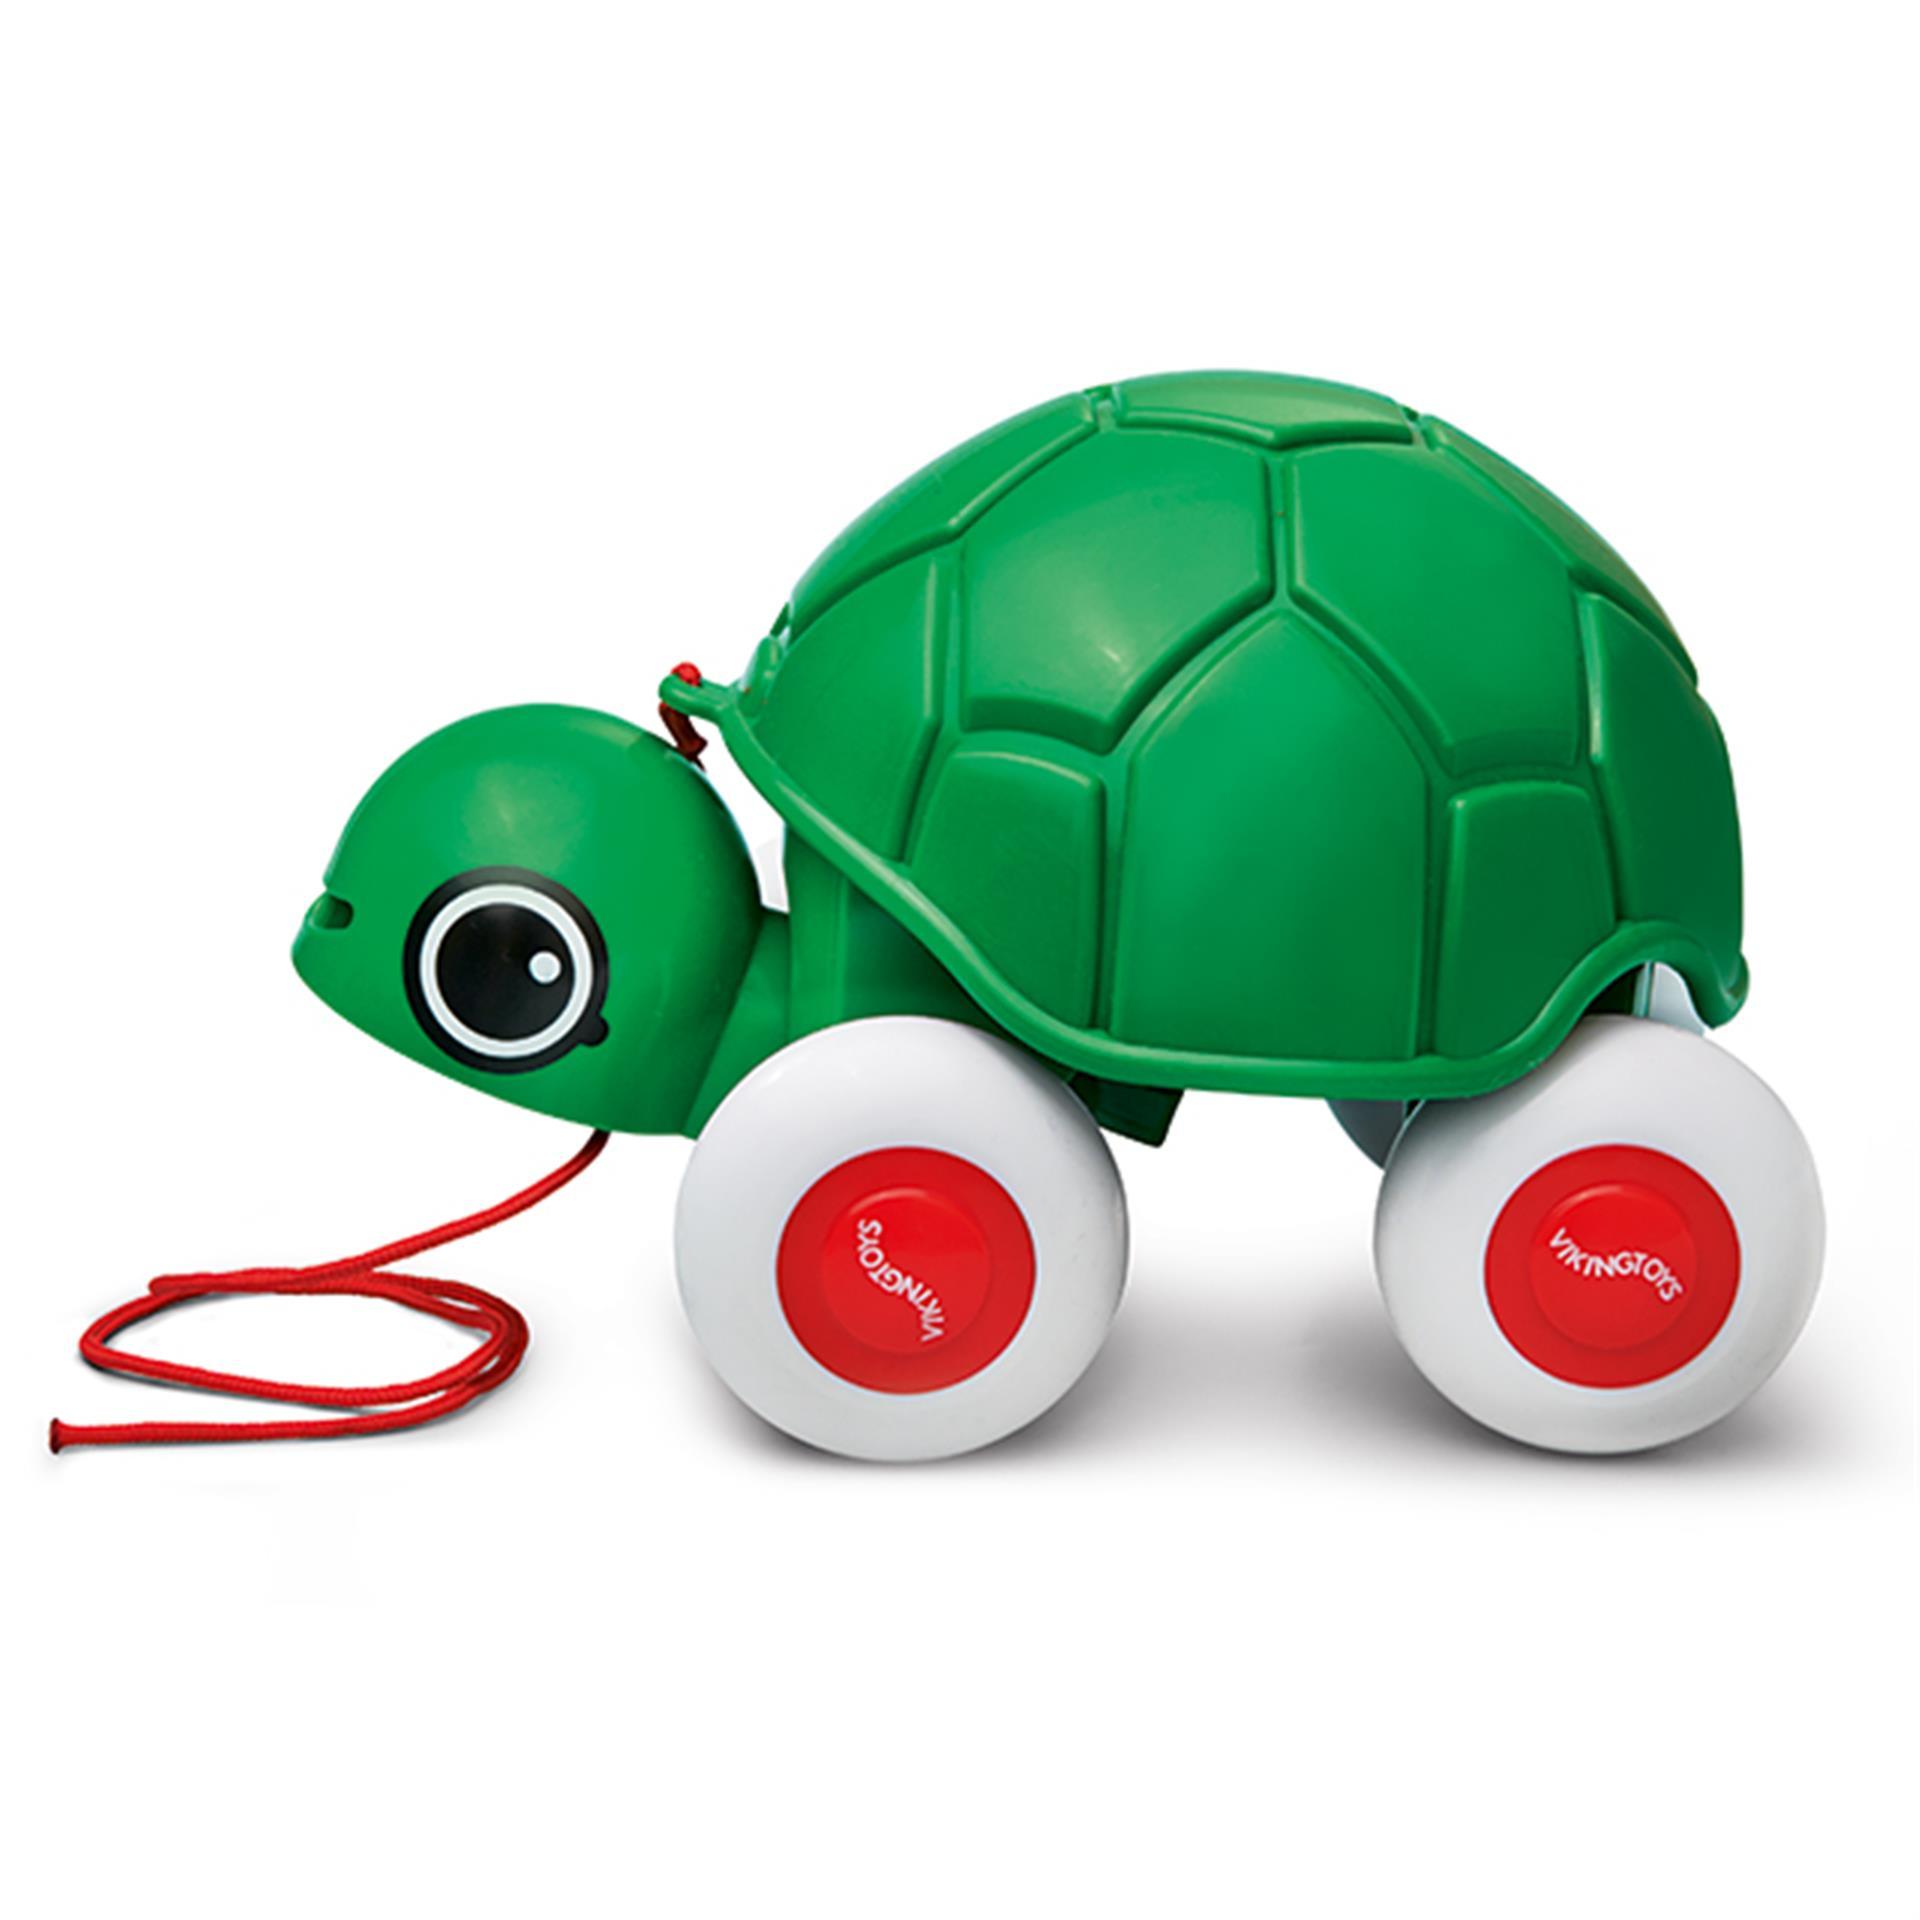 Nachziehtier Schildkröte Viking Toys